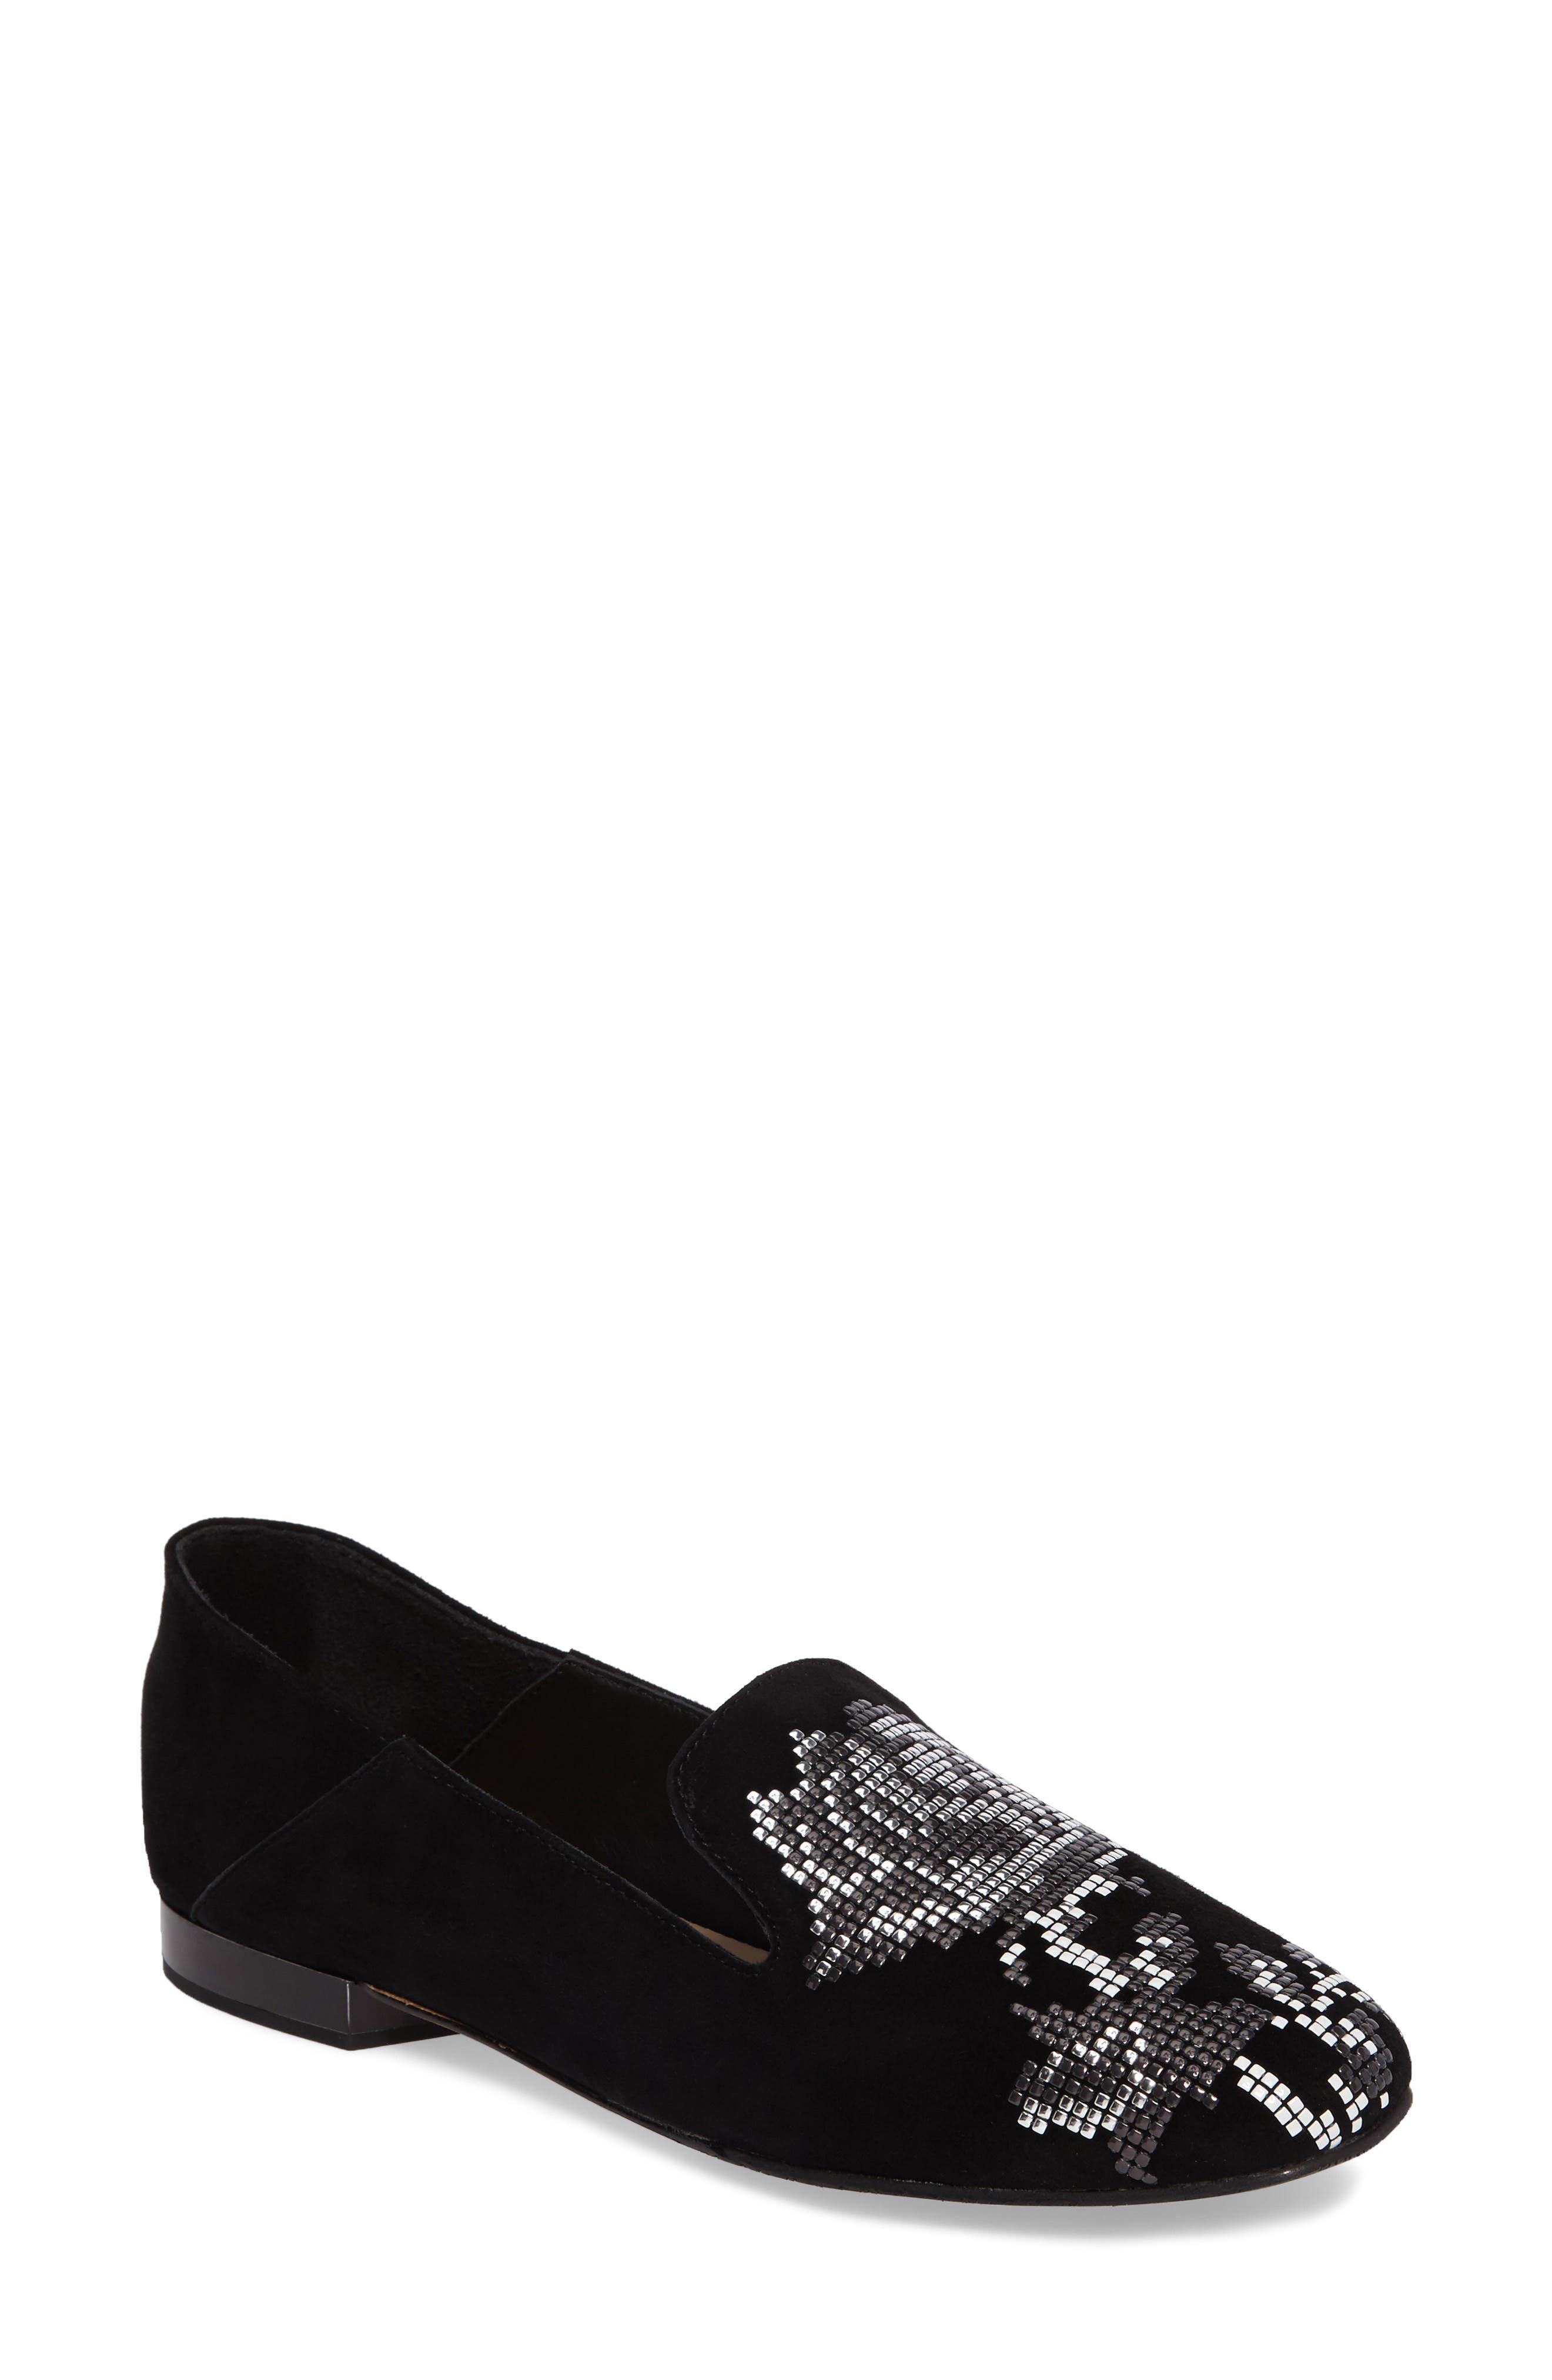 Donald J Pliner Hiro Embellished Loafer